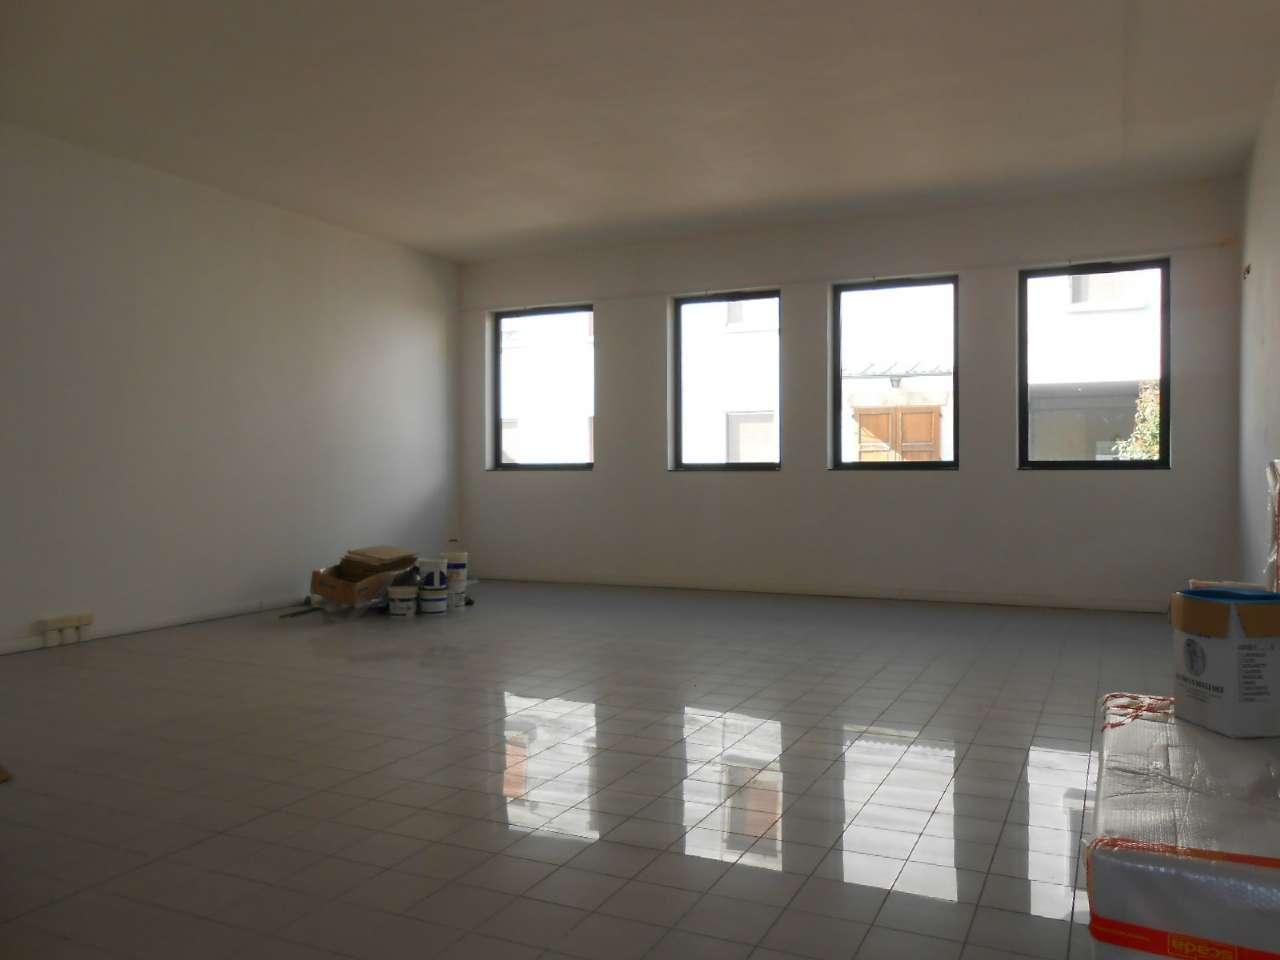 Ufficio / Studio in affitto a Madignano, 2 locali, prezzo € 500 | PortaleAgenzieImmobiliari.it